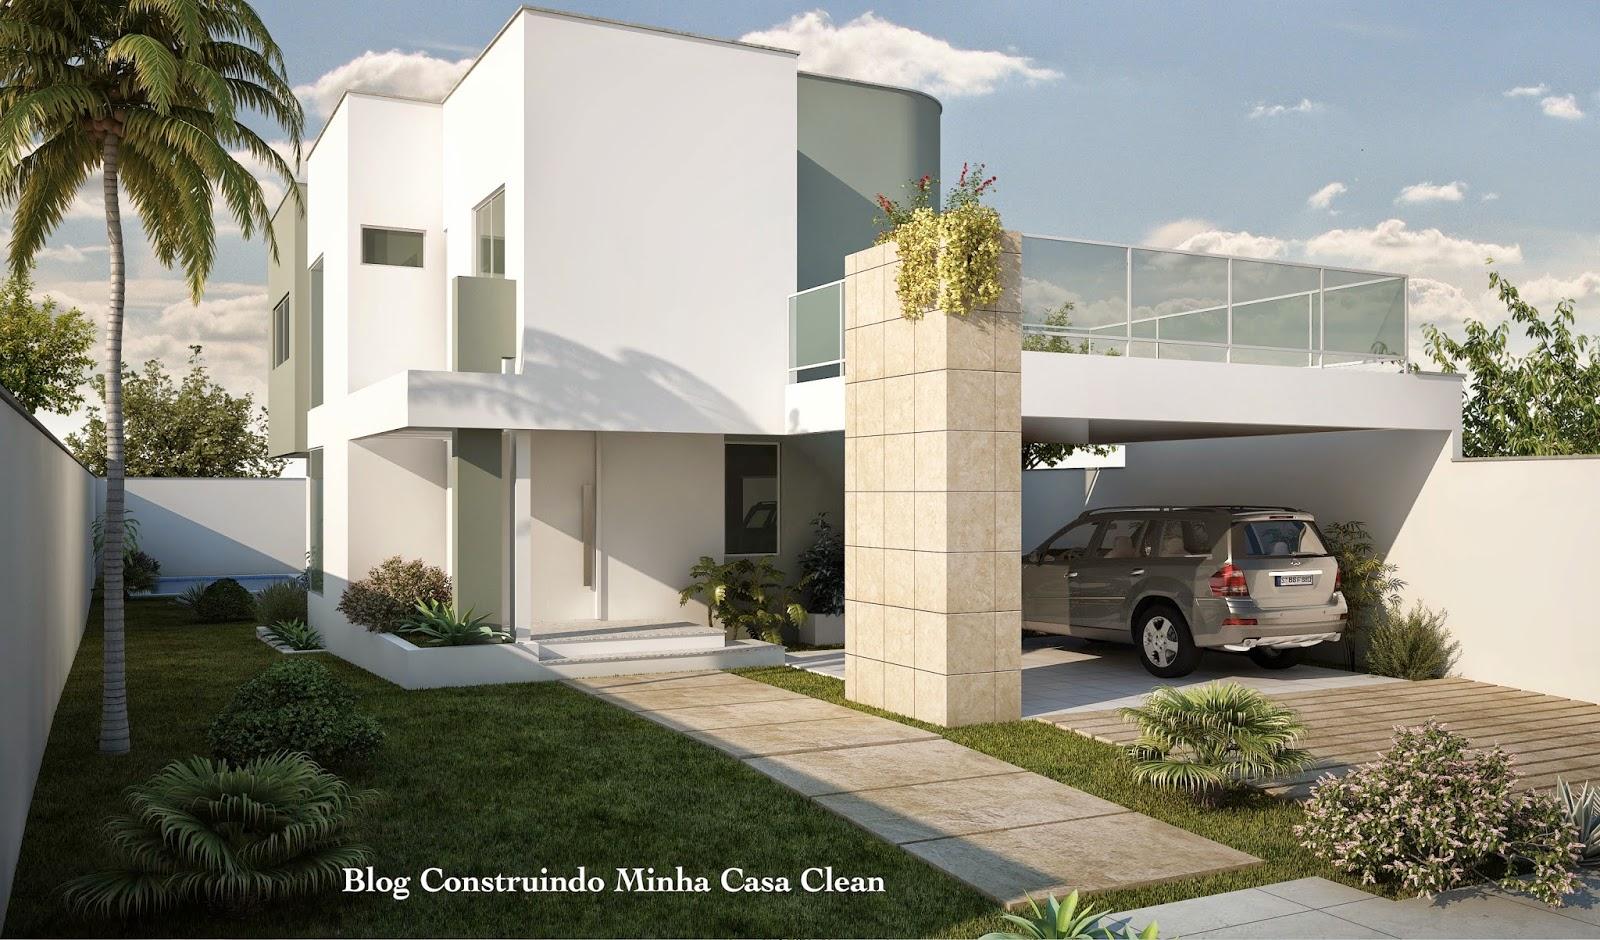 Construindo minha casa clean fachadas de casas com garagem for Casa pequena tipo minimalista